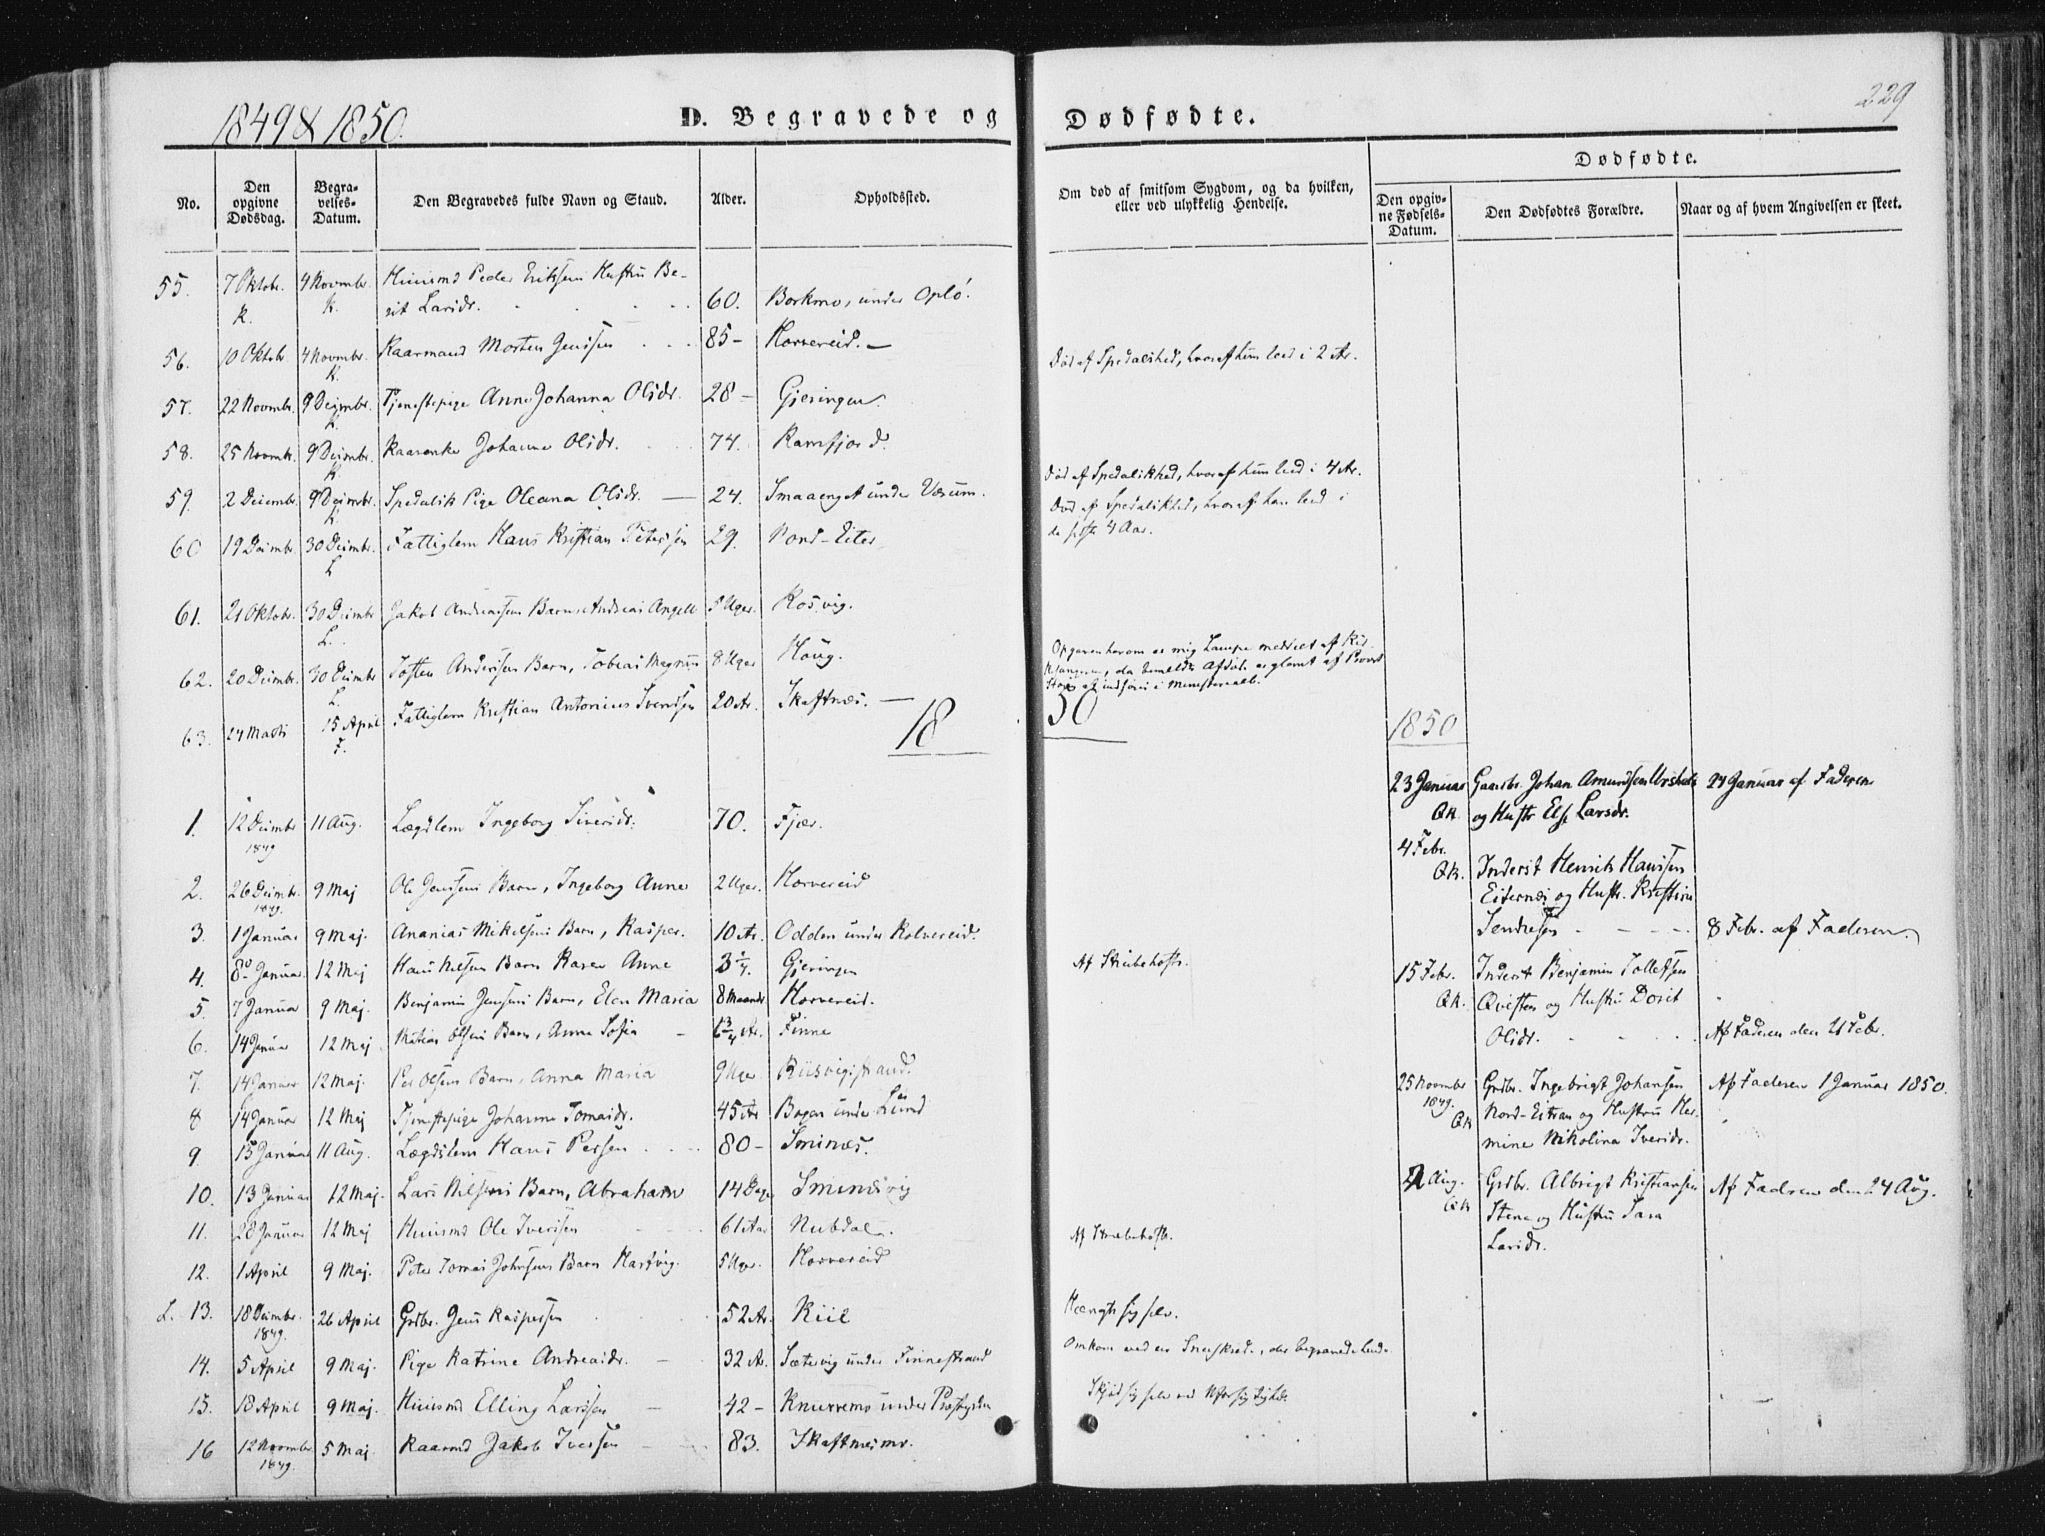 SAT, Ministerialprotokoller, klokkerbøker og fødselsregistre - Nord-Trøndelag, 780/L0640: Ministerialbok nr. 780A05, 1845-1856, s. 229